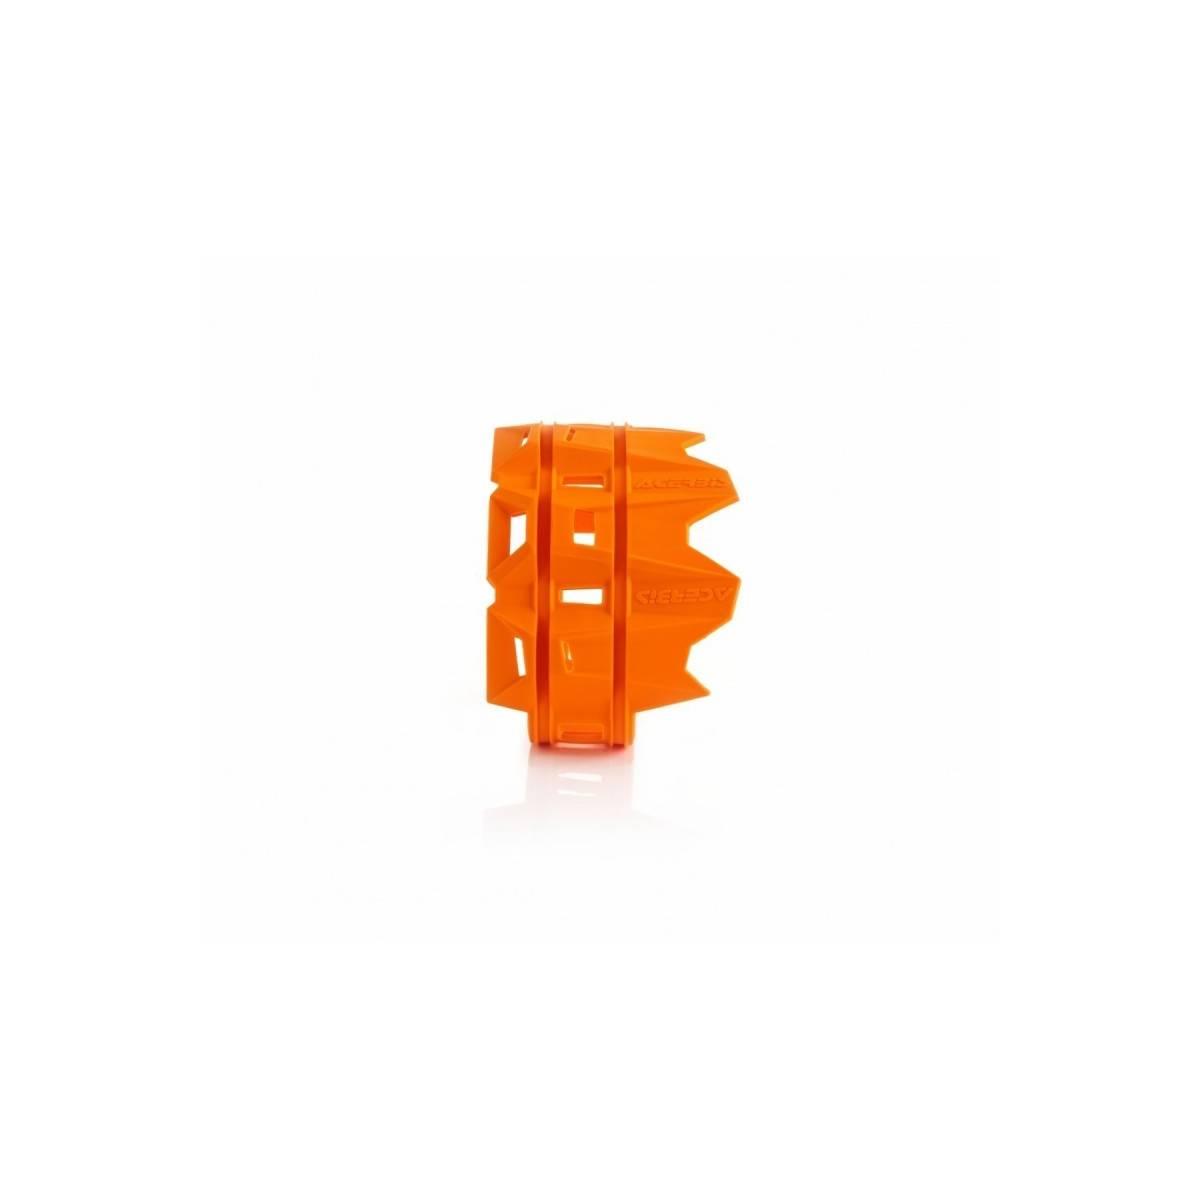 0022754-NR - Protector Silenciador 4 Tiempos Acerbis Naranja